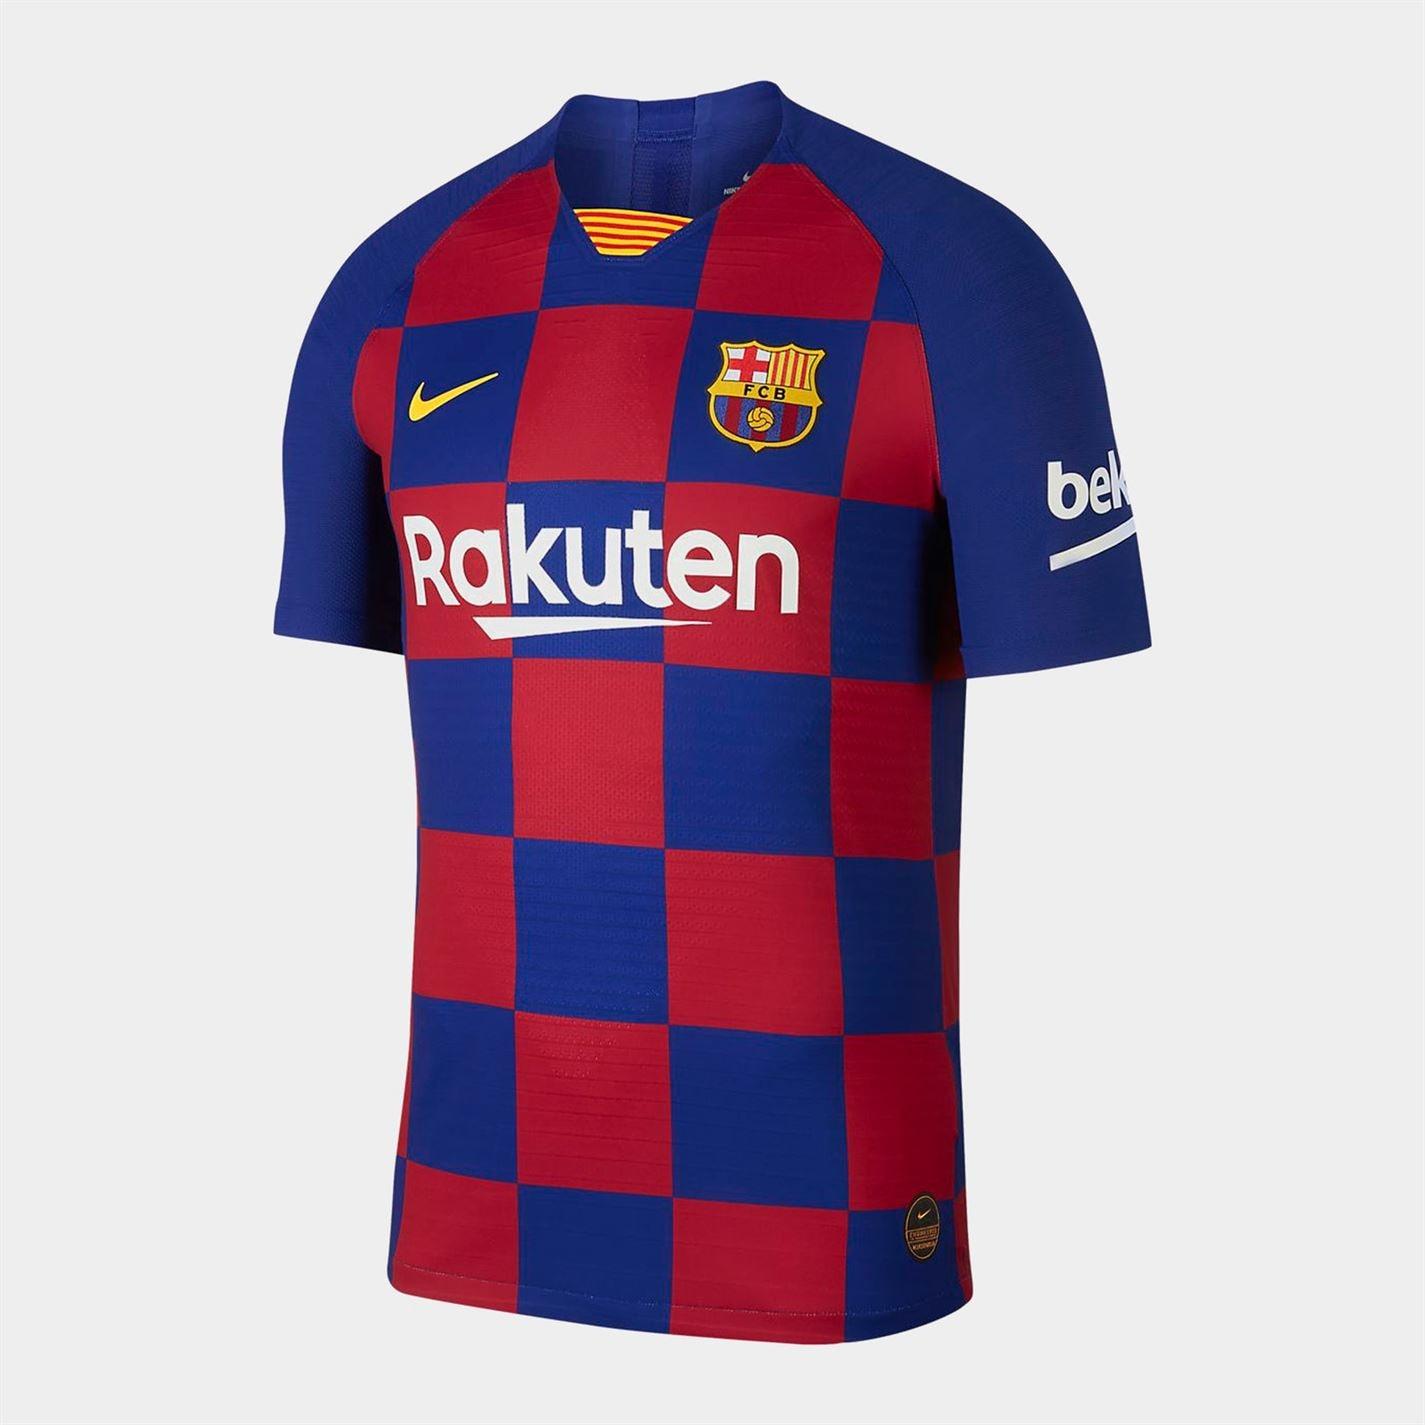 Mergi la Tricou Acasa Nike FC Barcelona 2019/20 Vapor Match pentru Barbati deep albastru roial